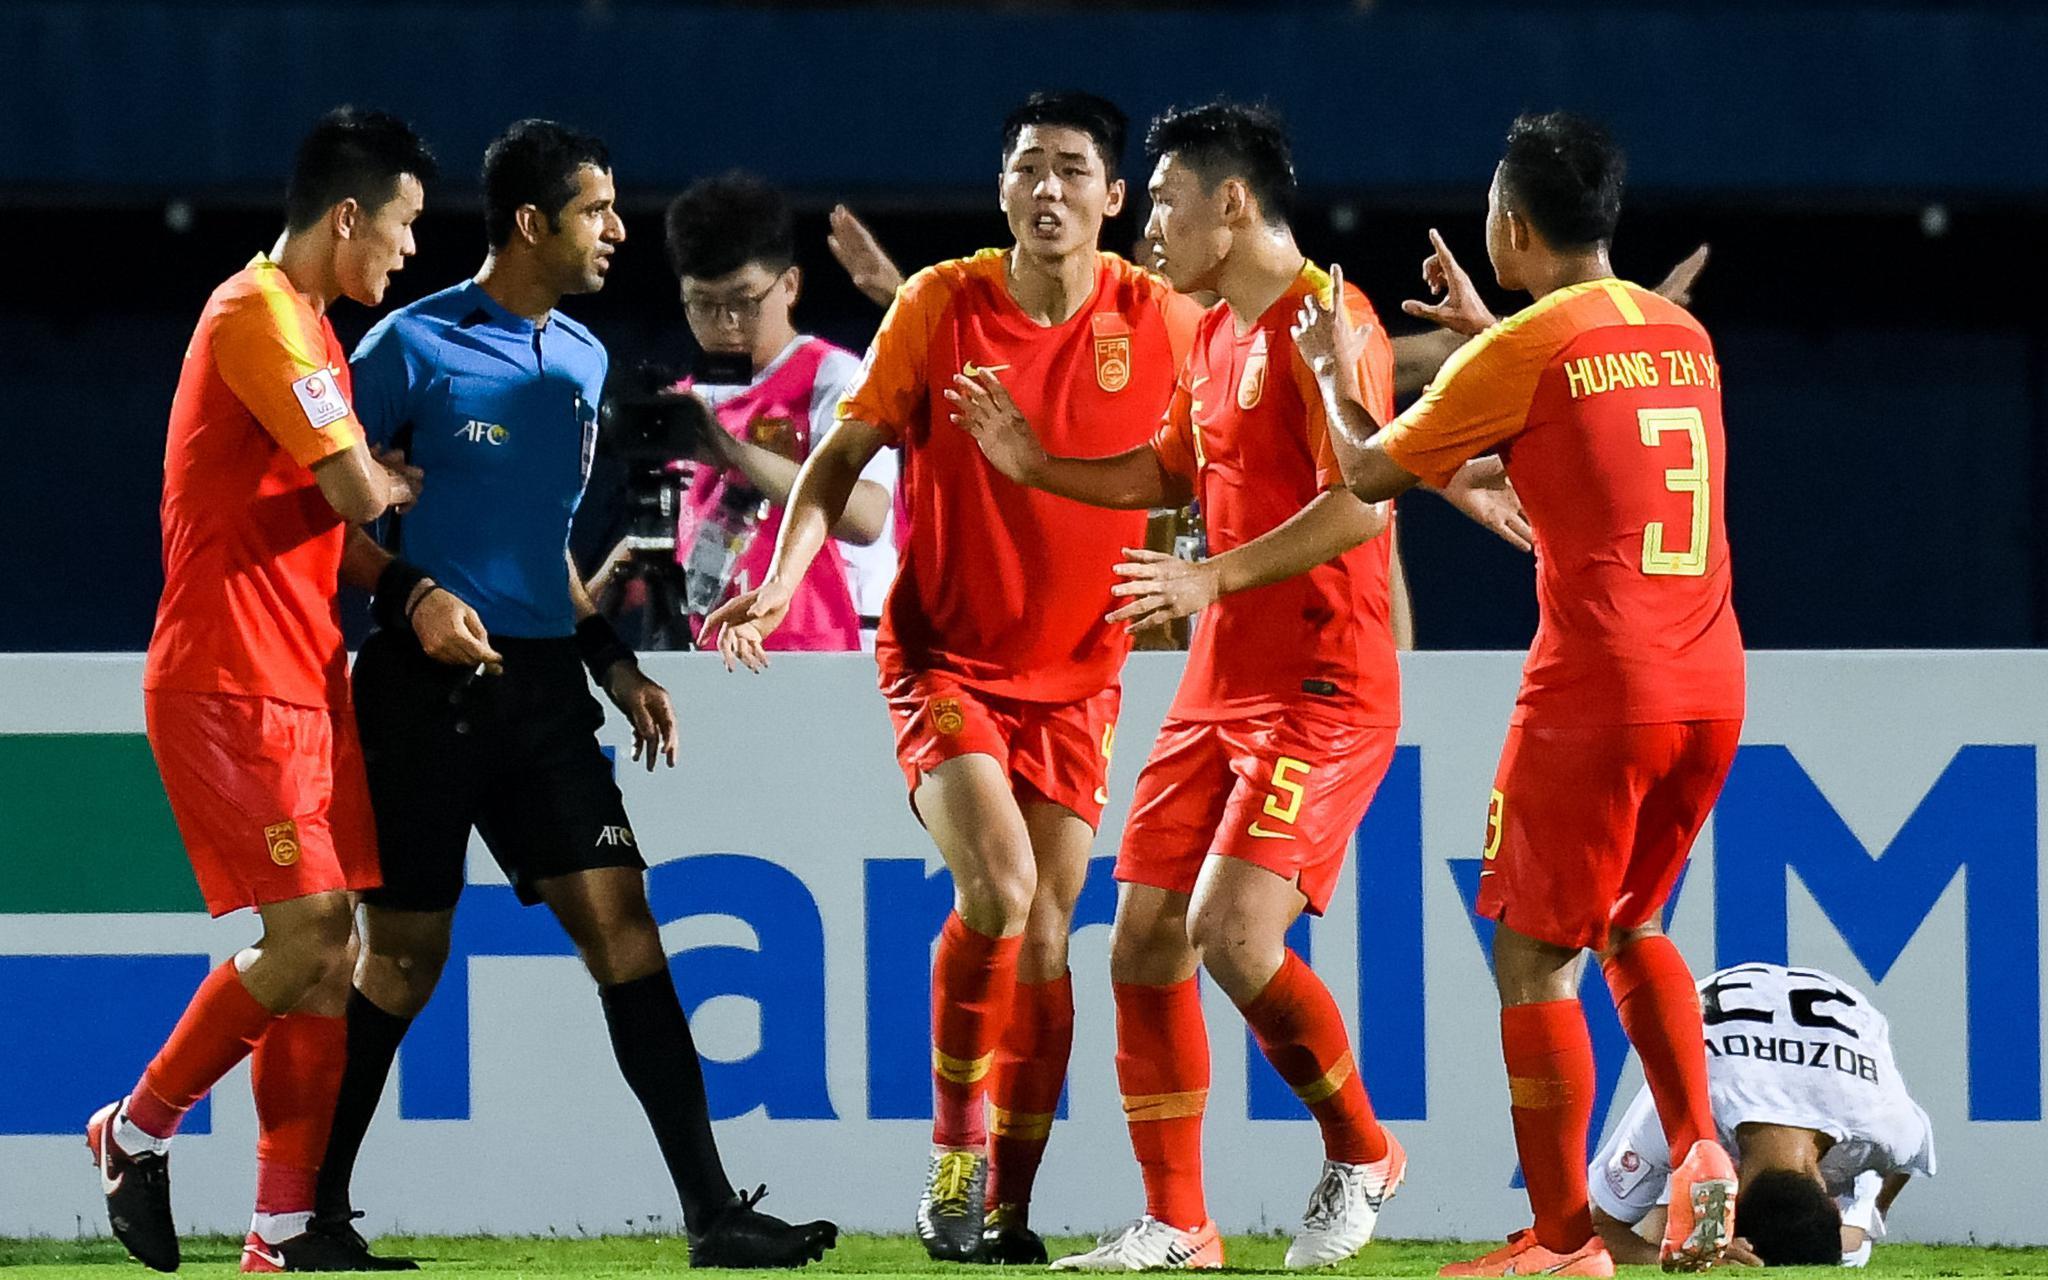 11场U23亚洲杯输了10场,国奥这战绩还能更惨吗?图片